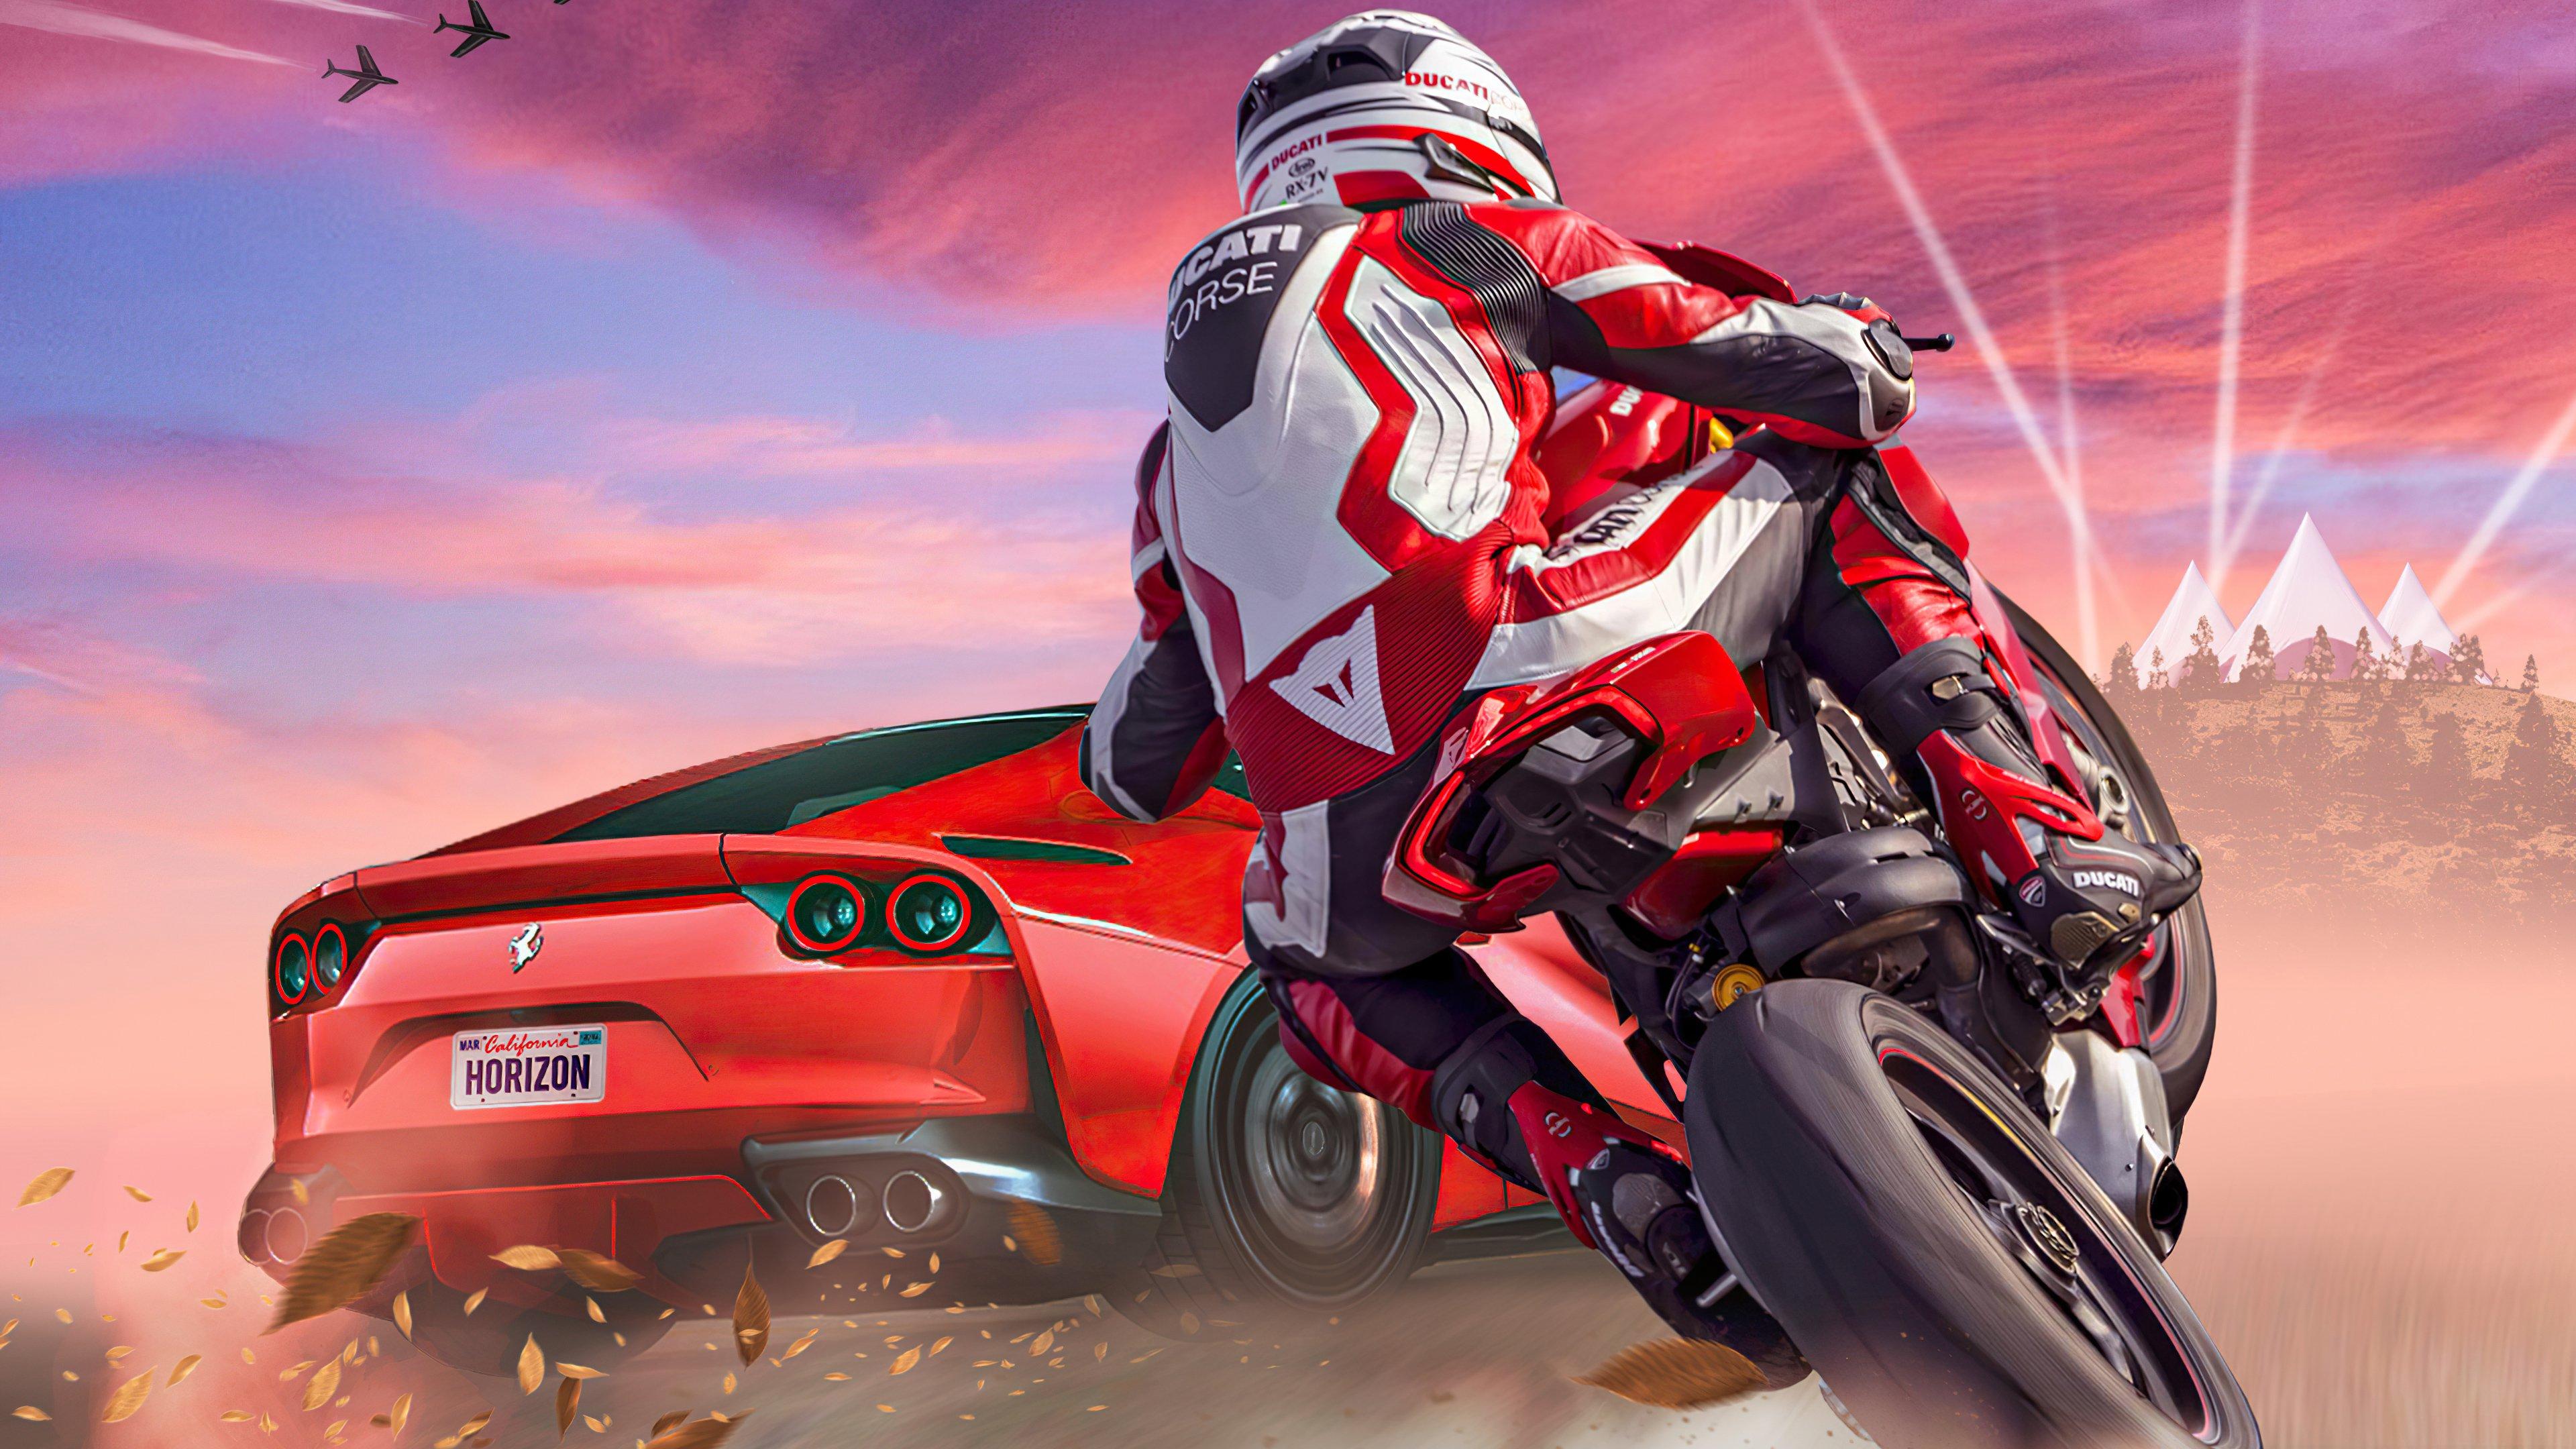 Fondos de pantalla Forza Horizon 5 Concepto